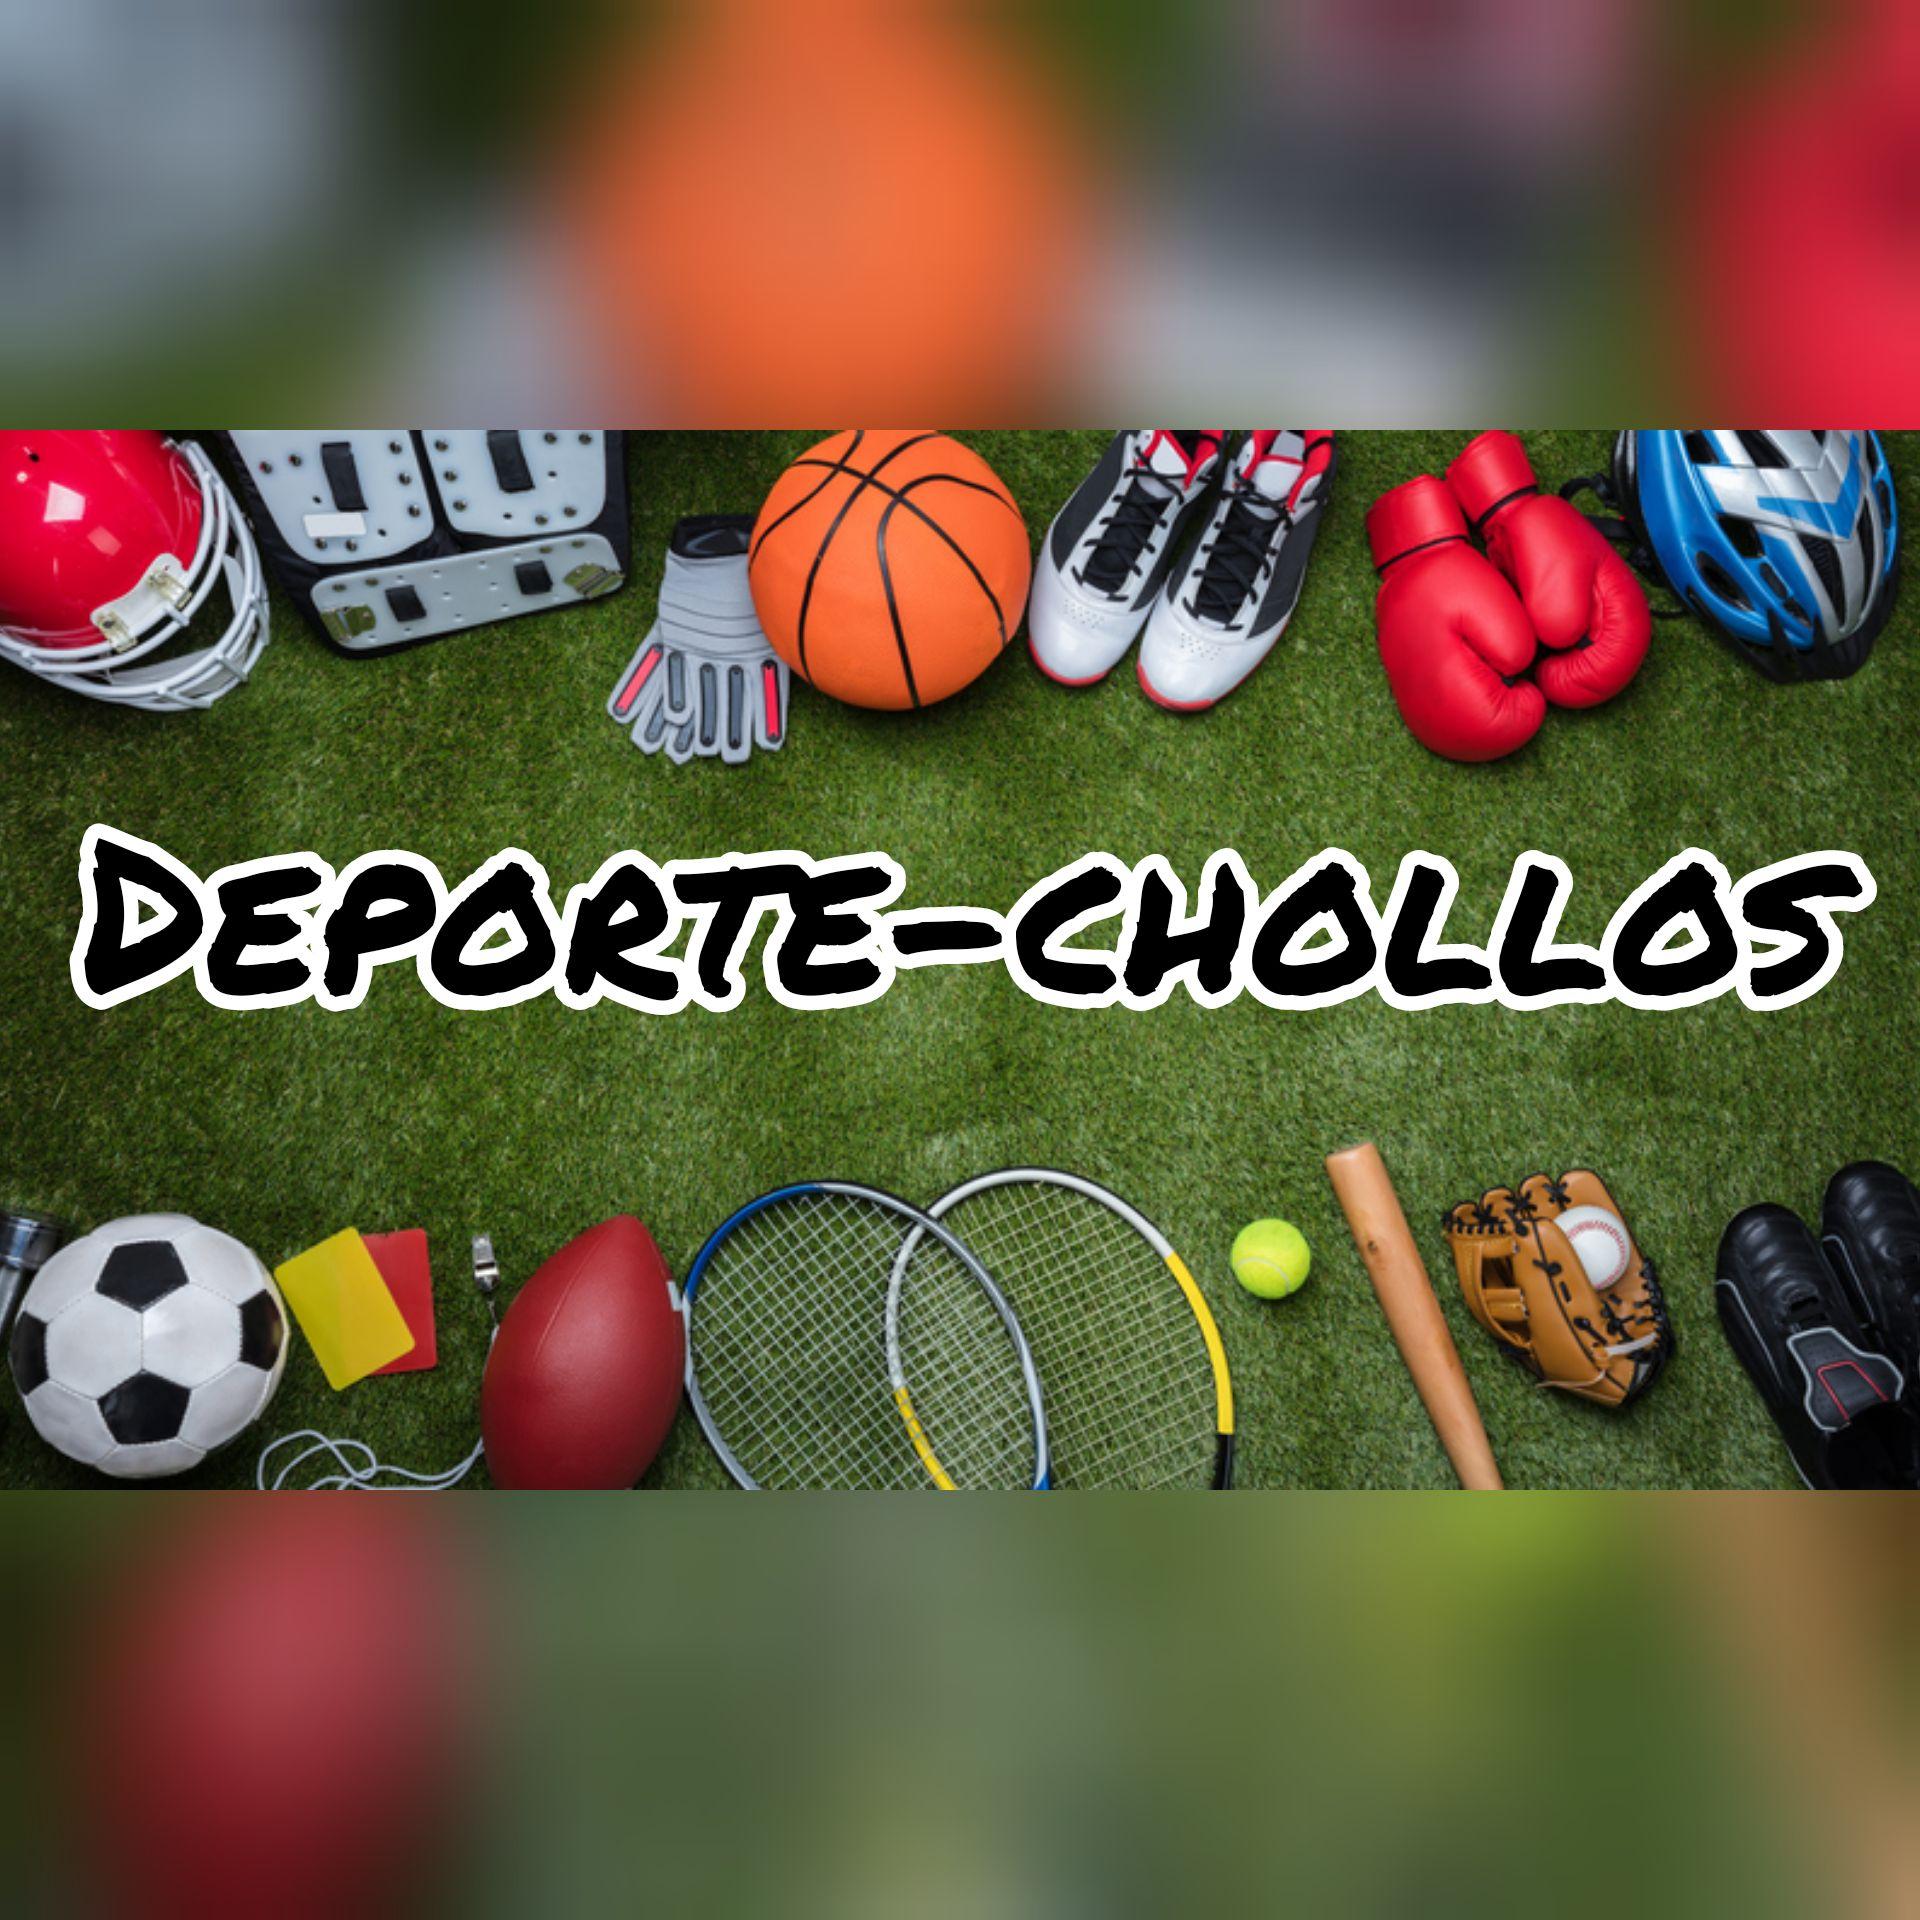 DEPORTE-CHOLLOS AMAZON! [recopilación 1]